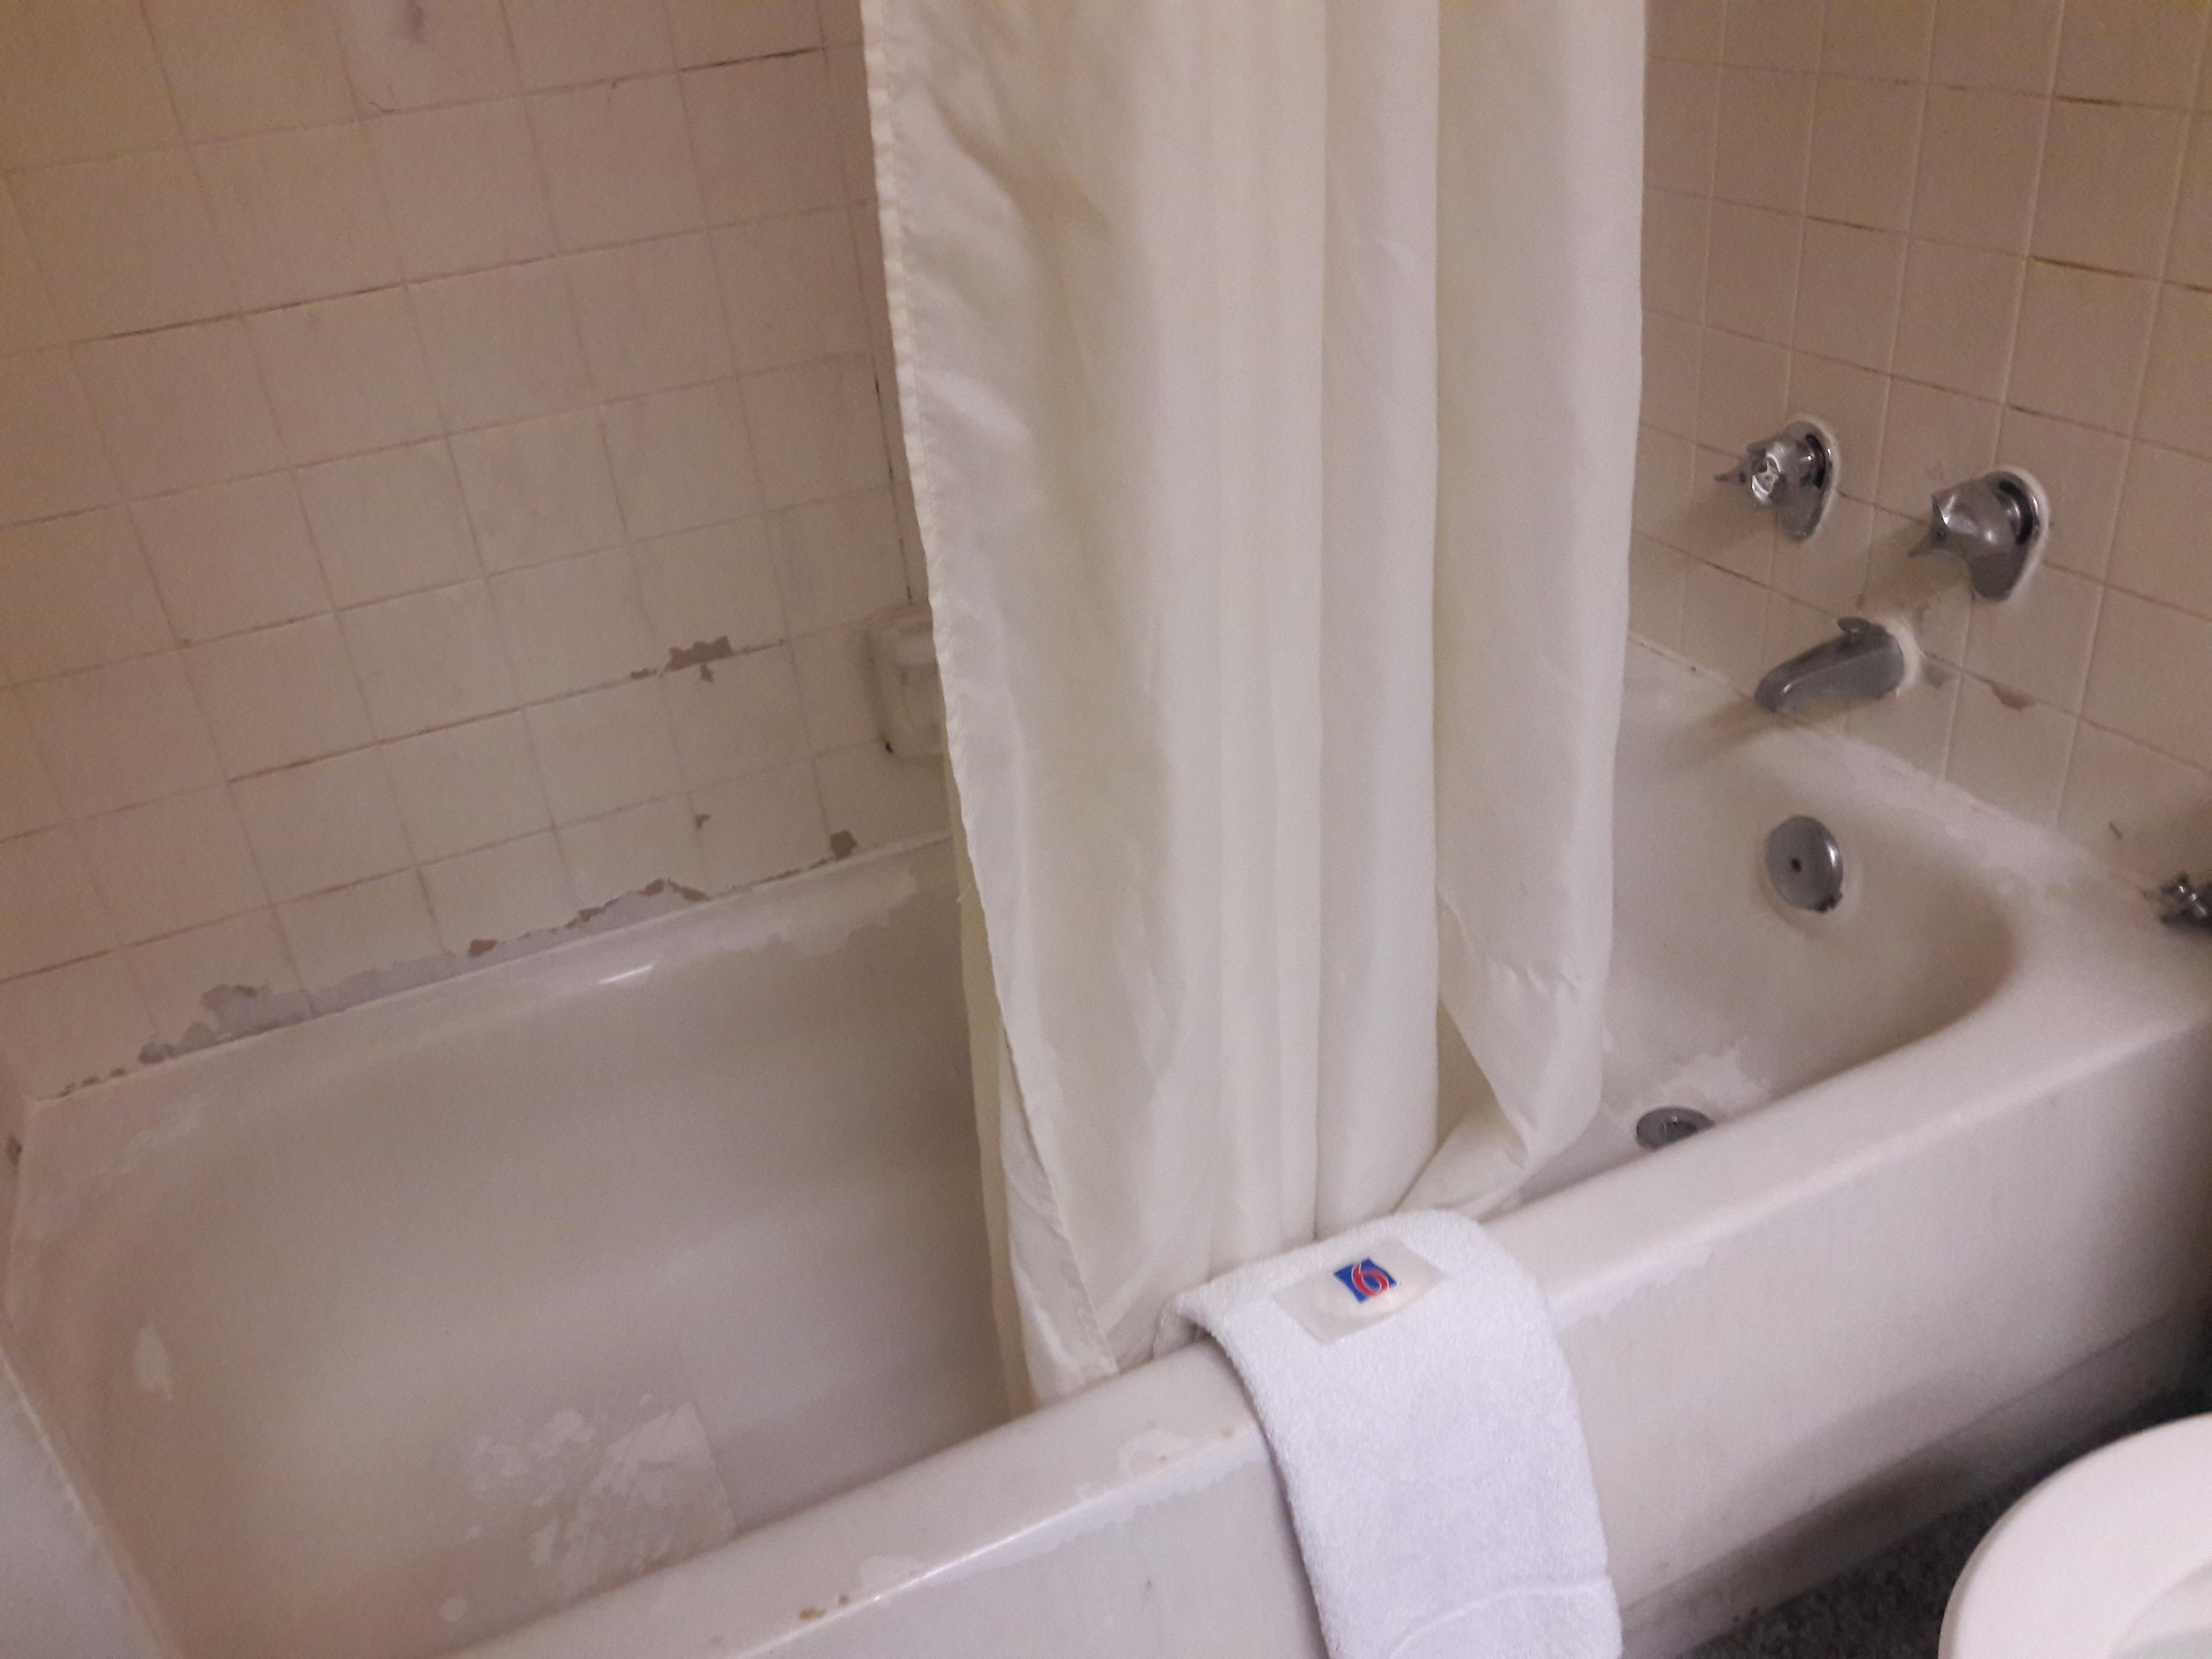 Dirty Bathtub/Shower